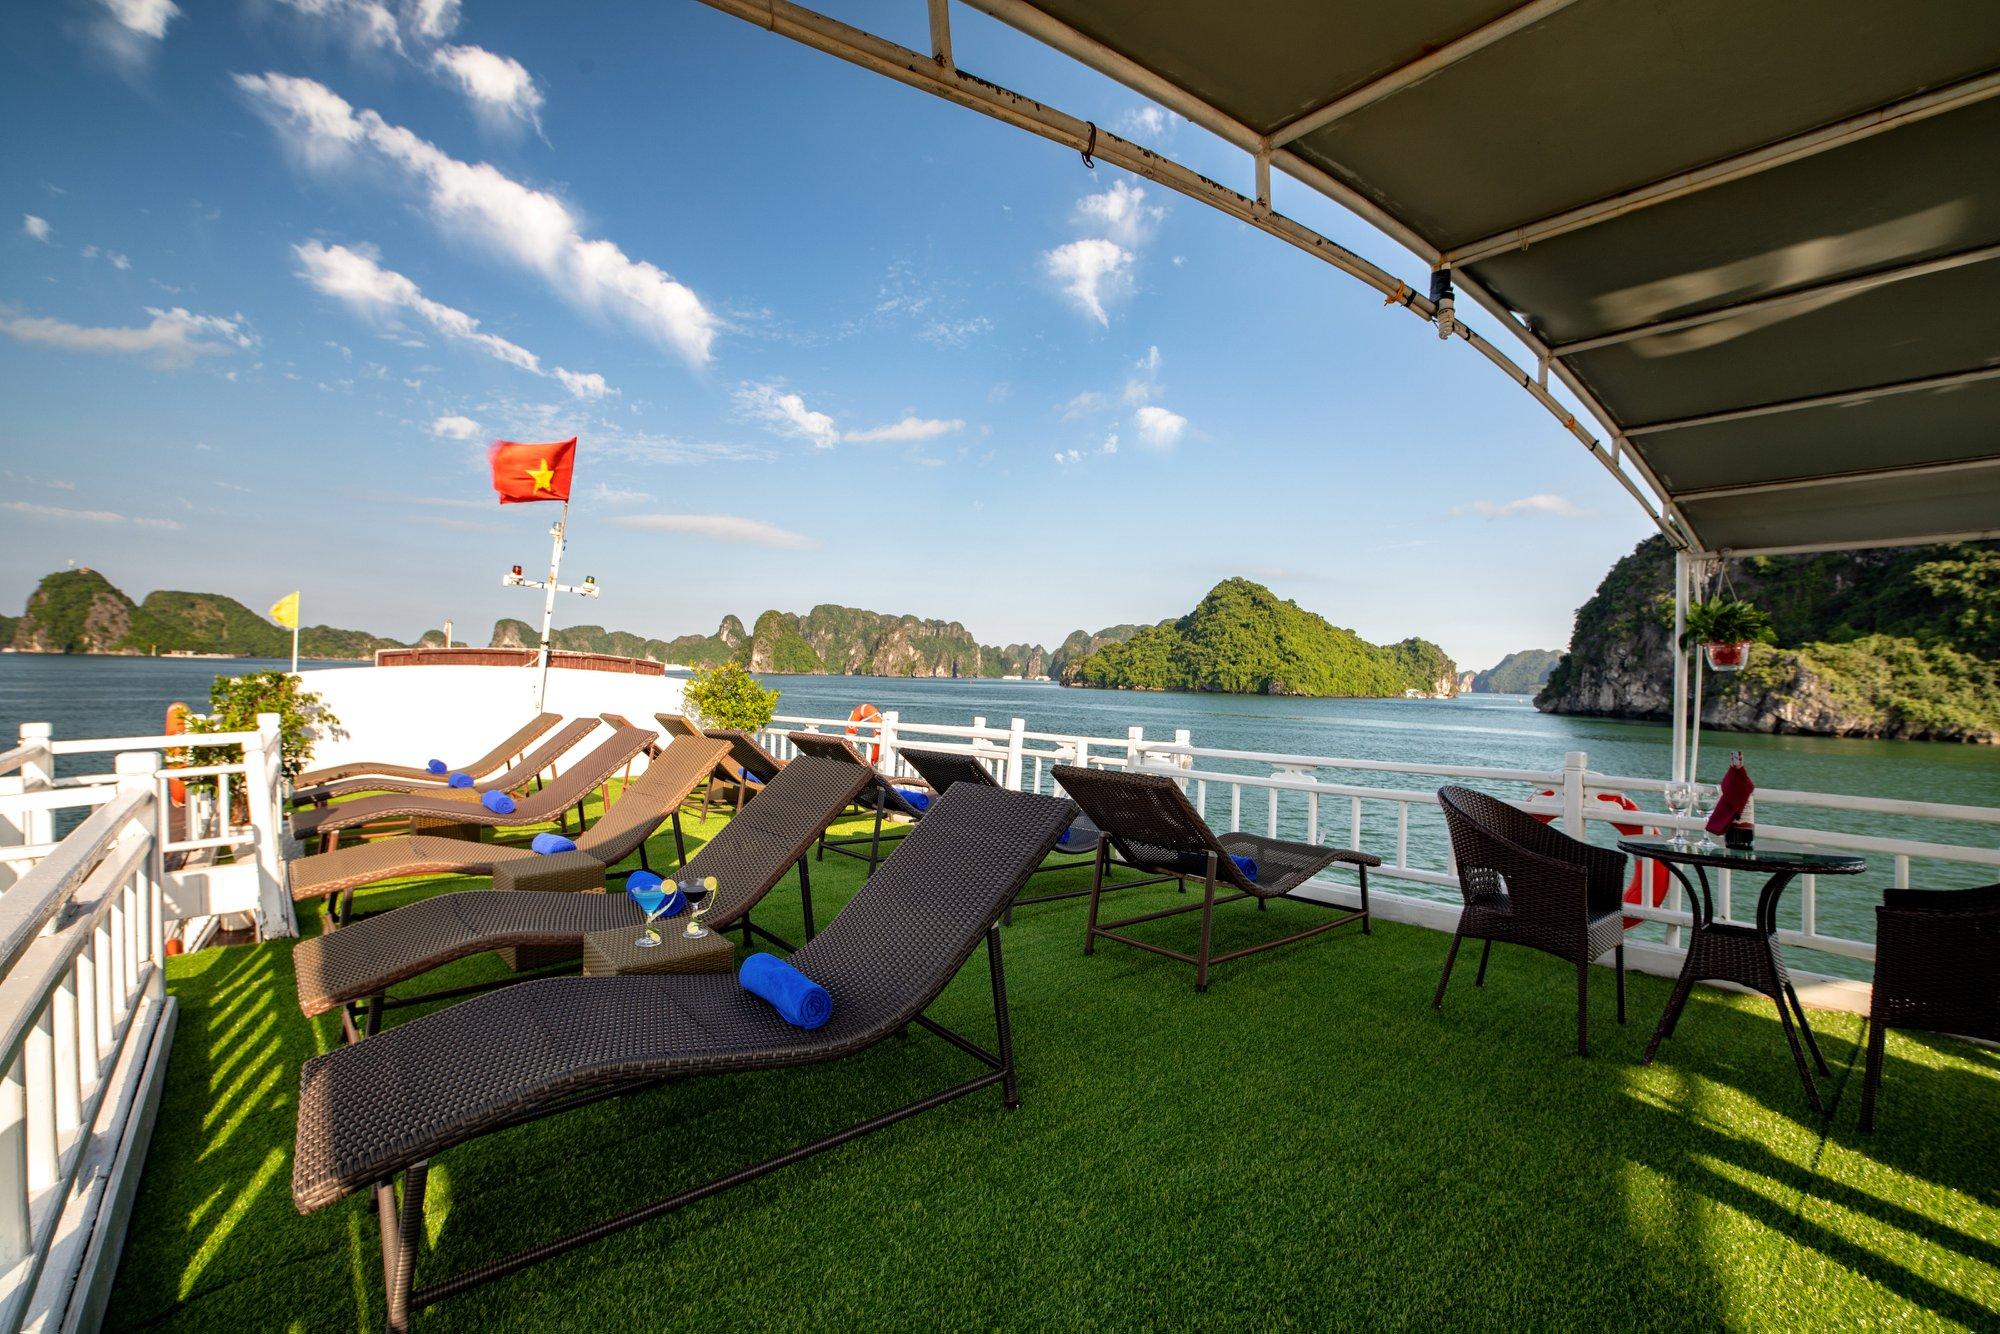 Cozy Vietnam Travel - Tour du lịch hạ long giá rẻ 2020 -11